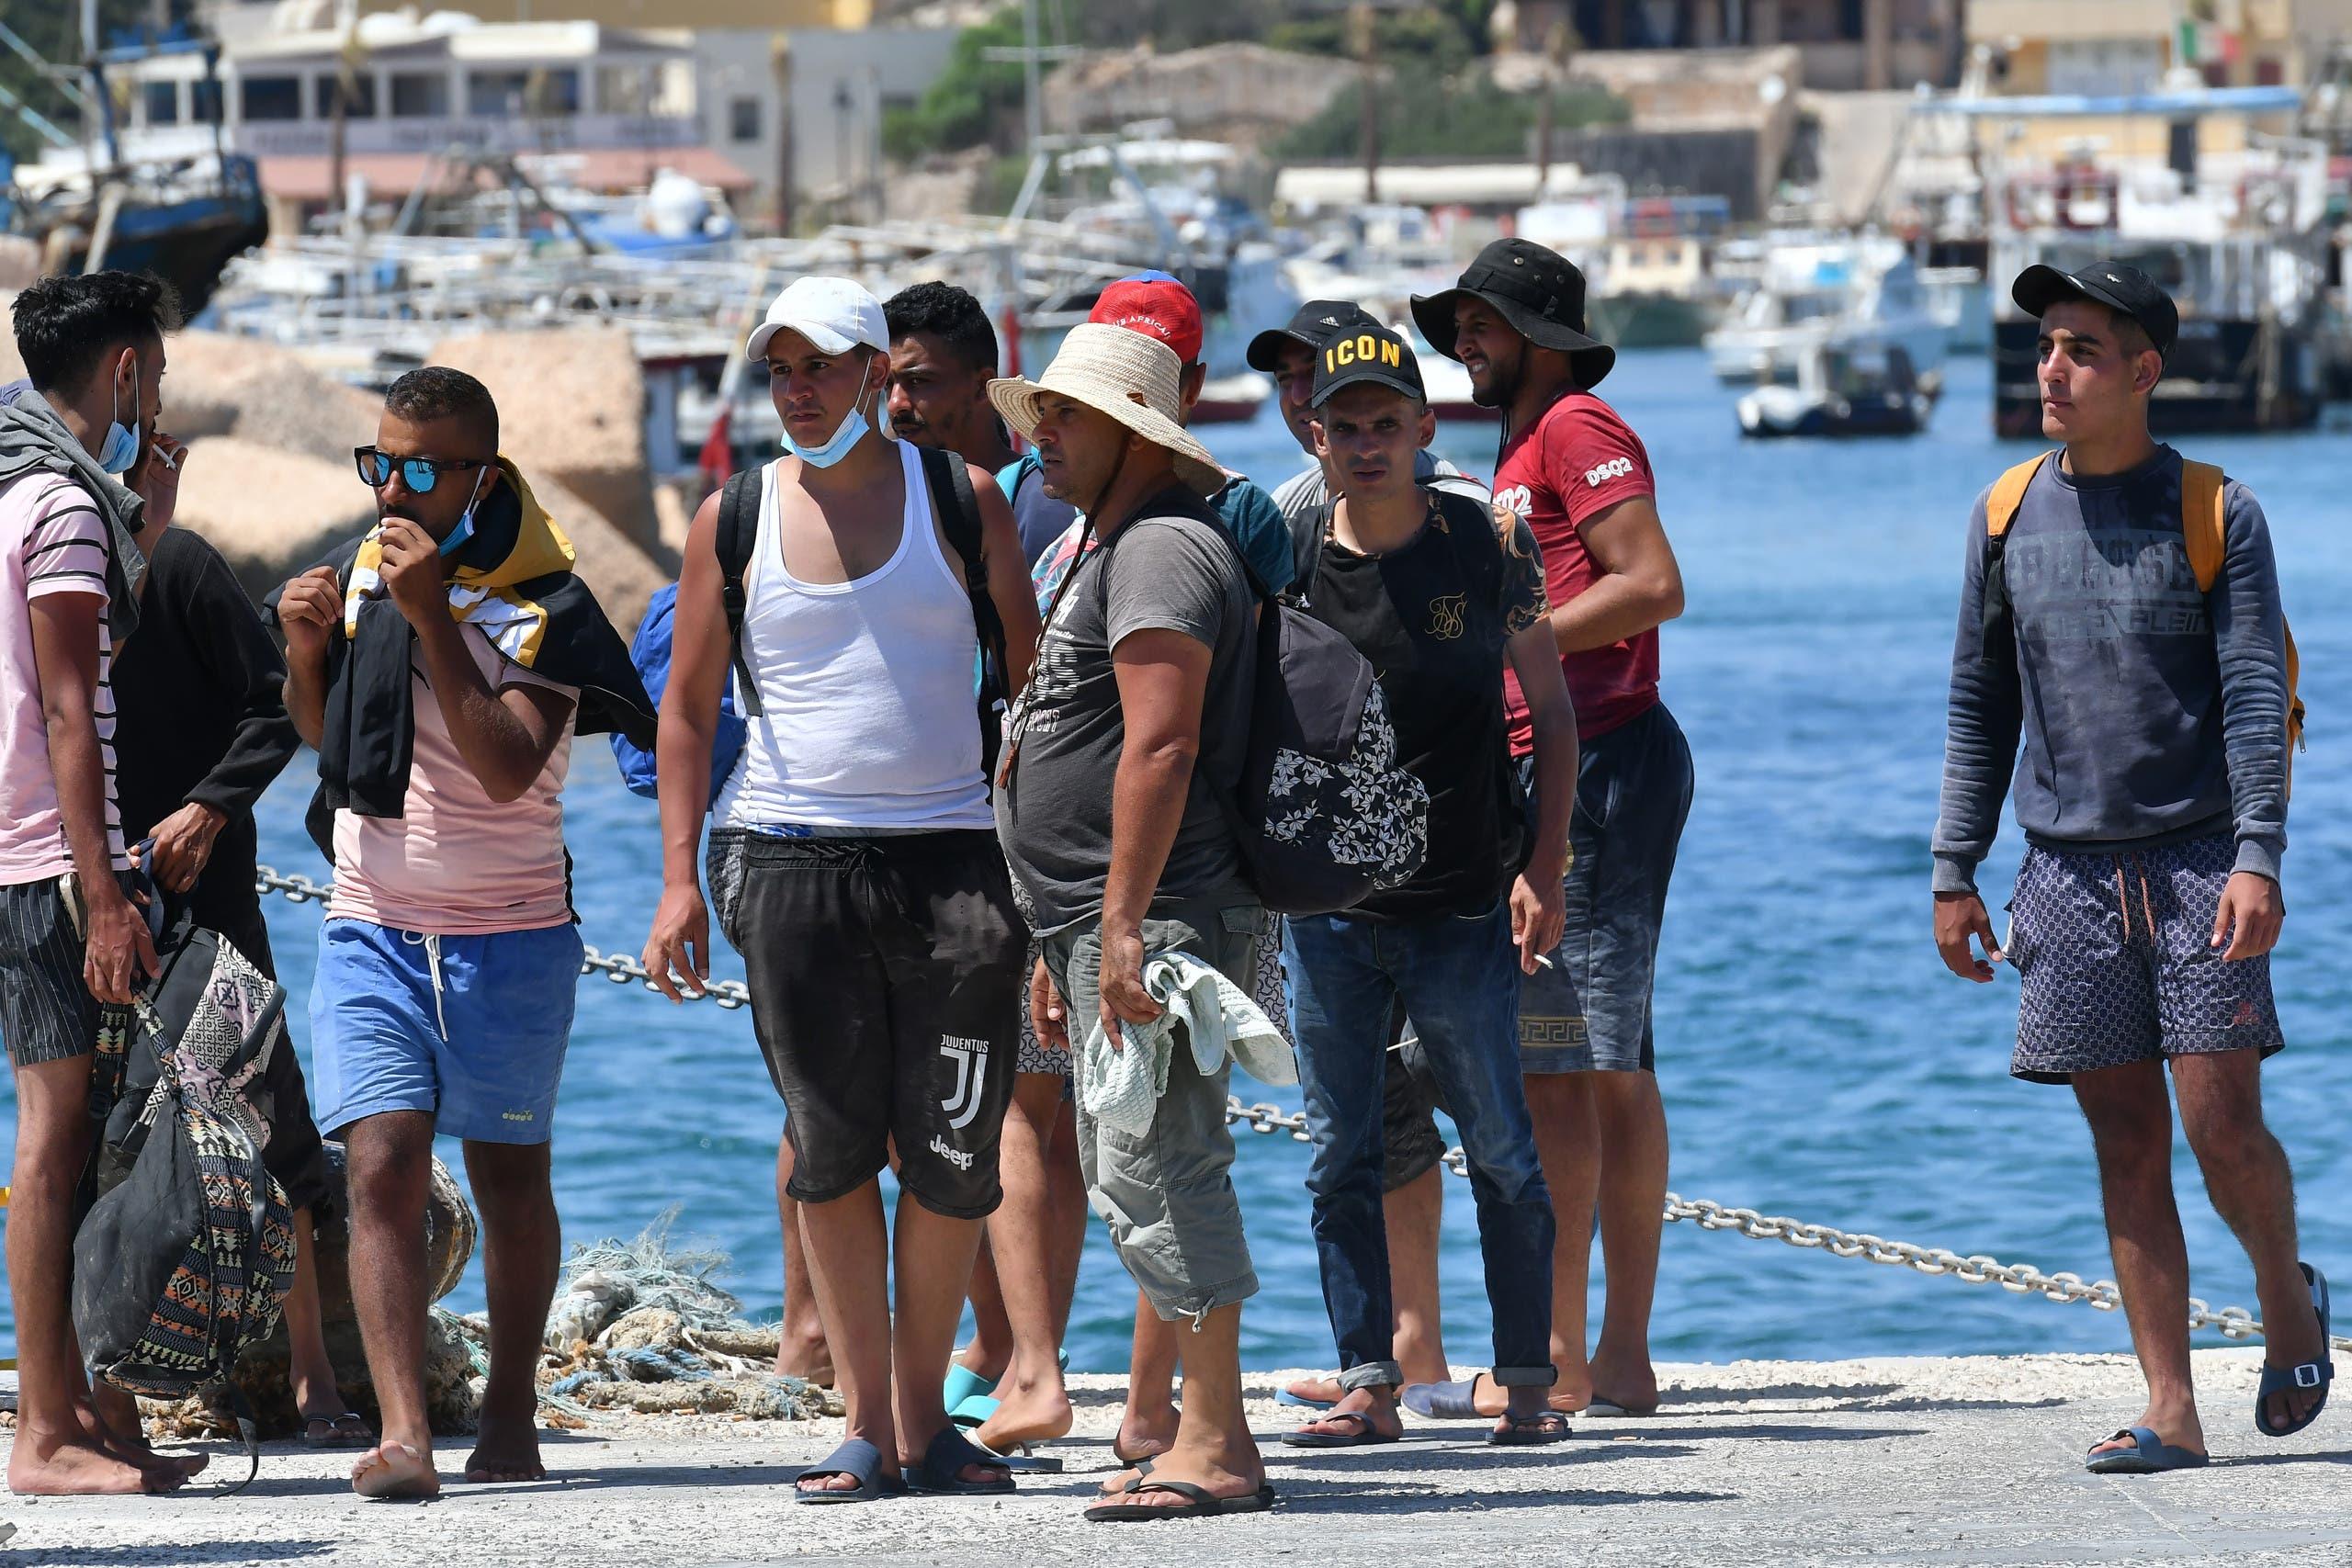 مهاجرون من تونس يصلون إلى لامبيدوزا